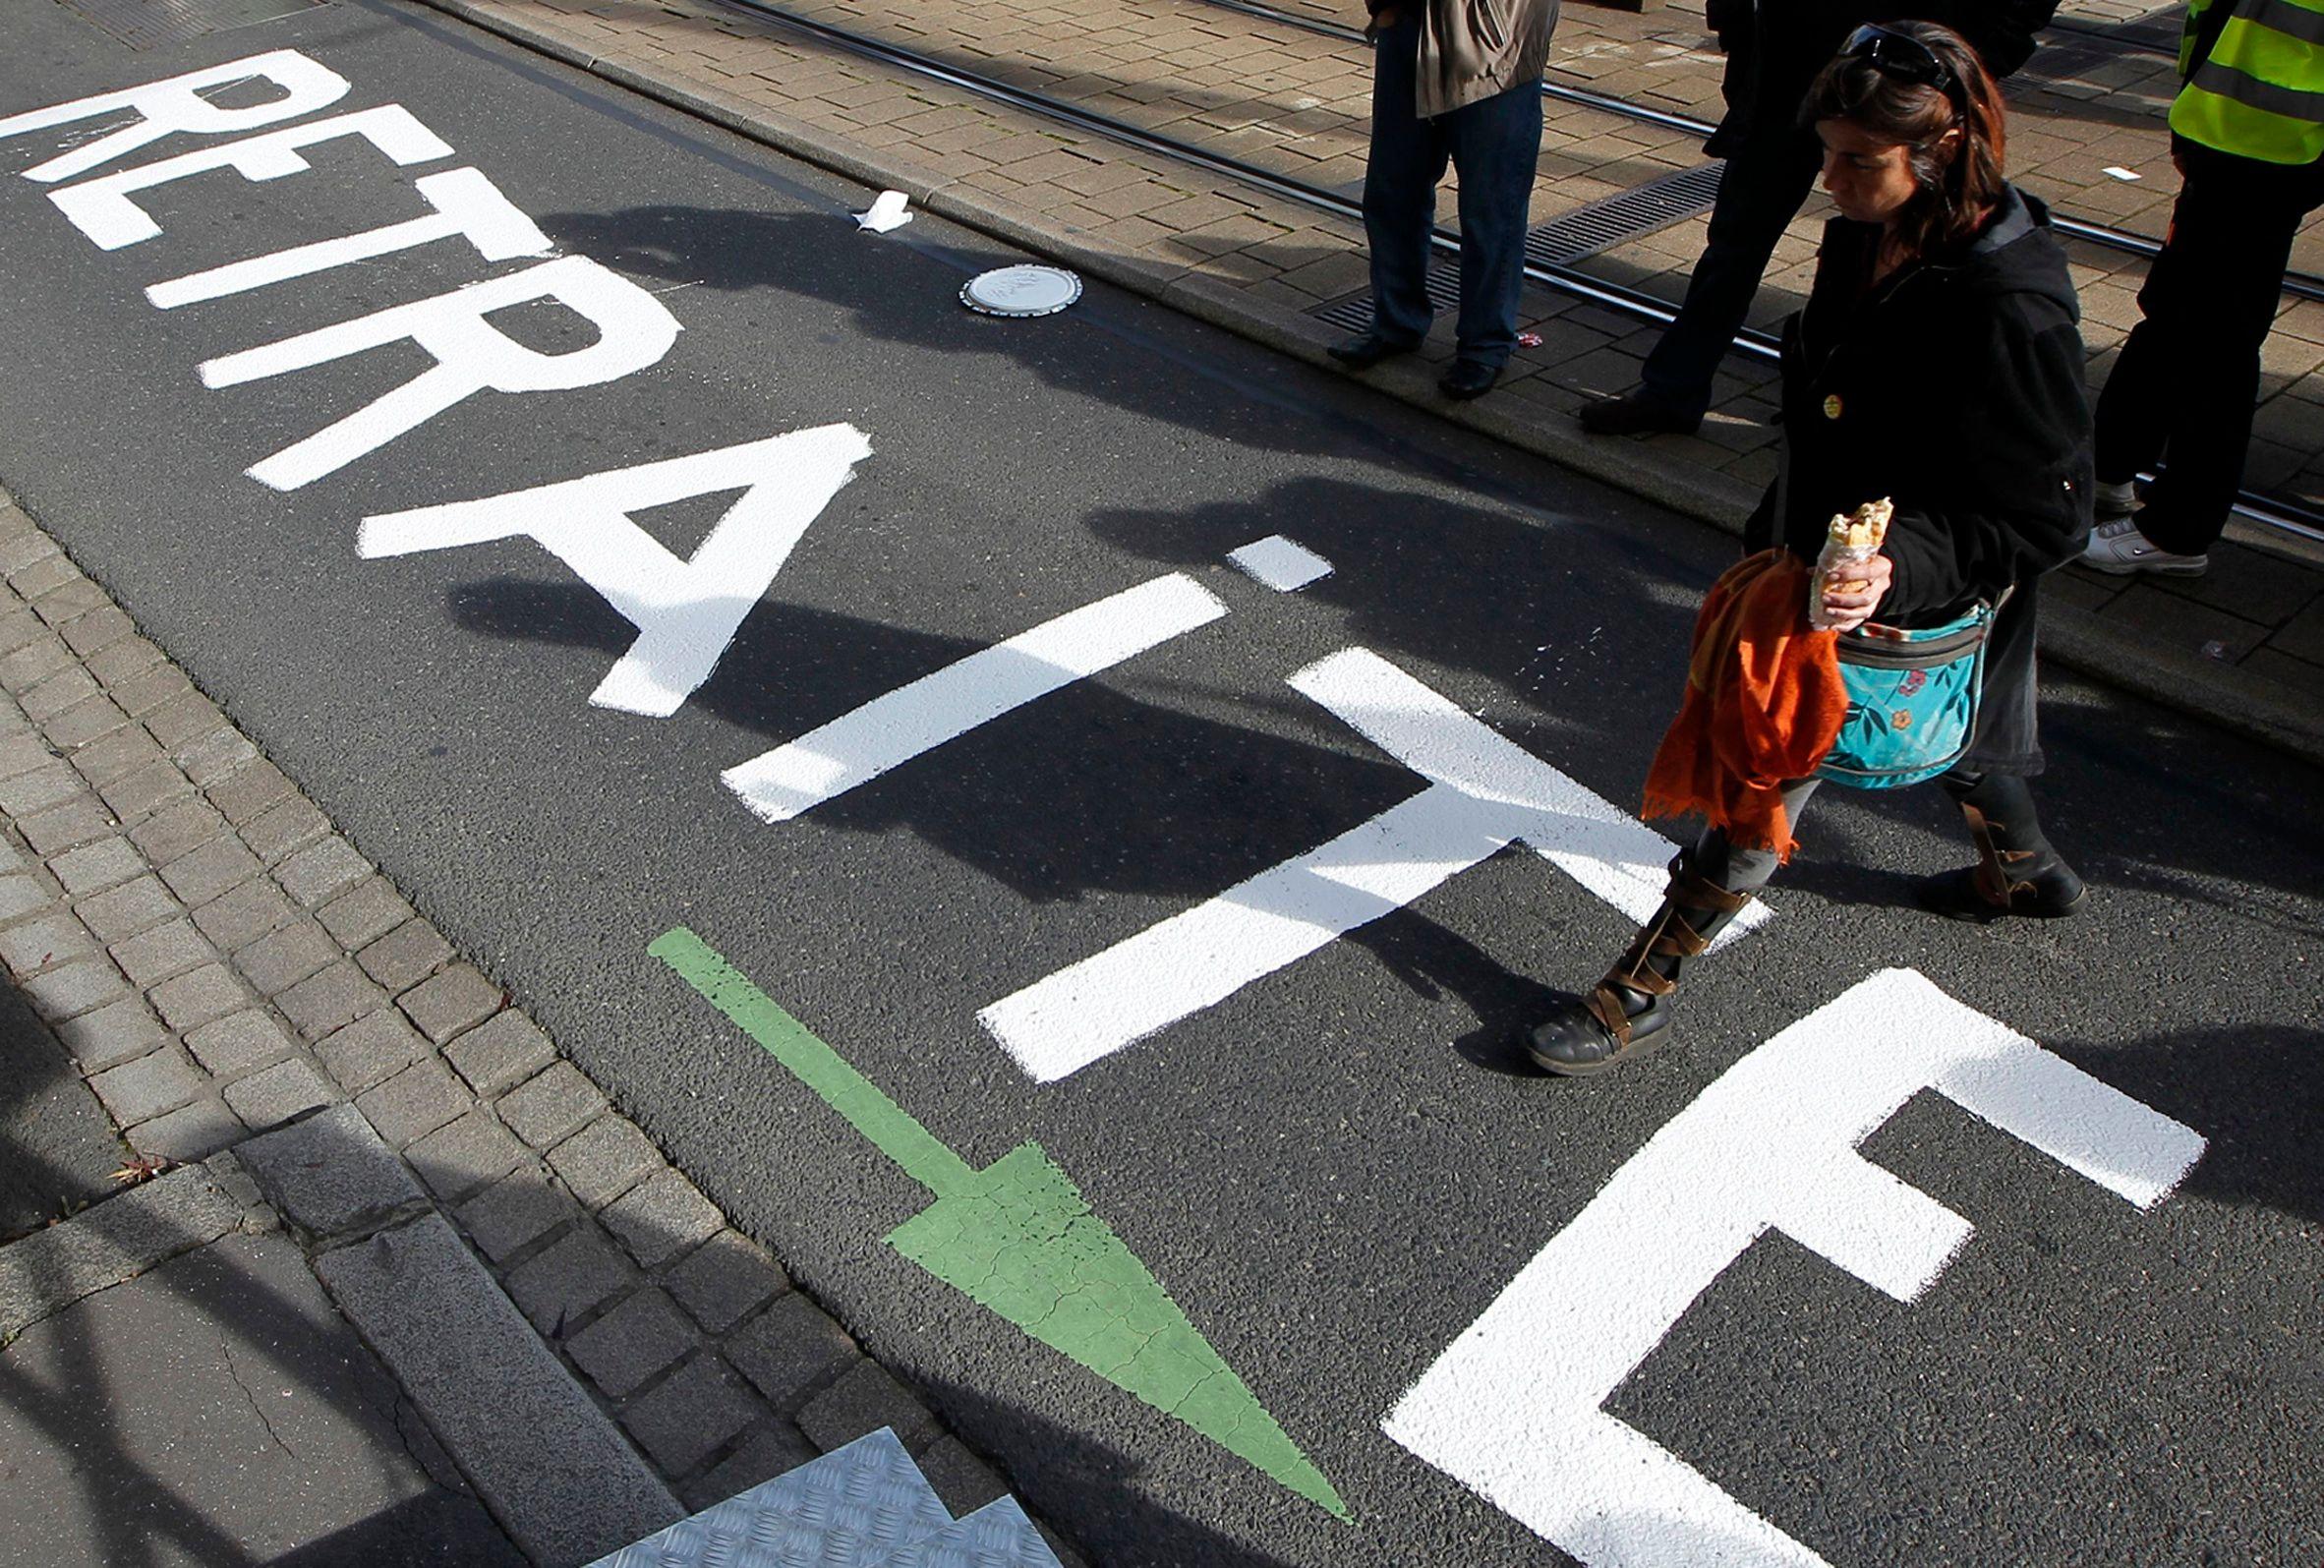 Le chiffre : Pour 78% des Français la réforme des retraites est insuffisante